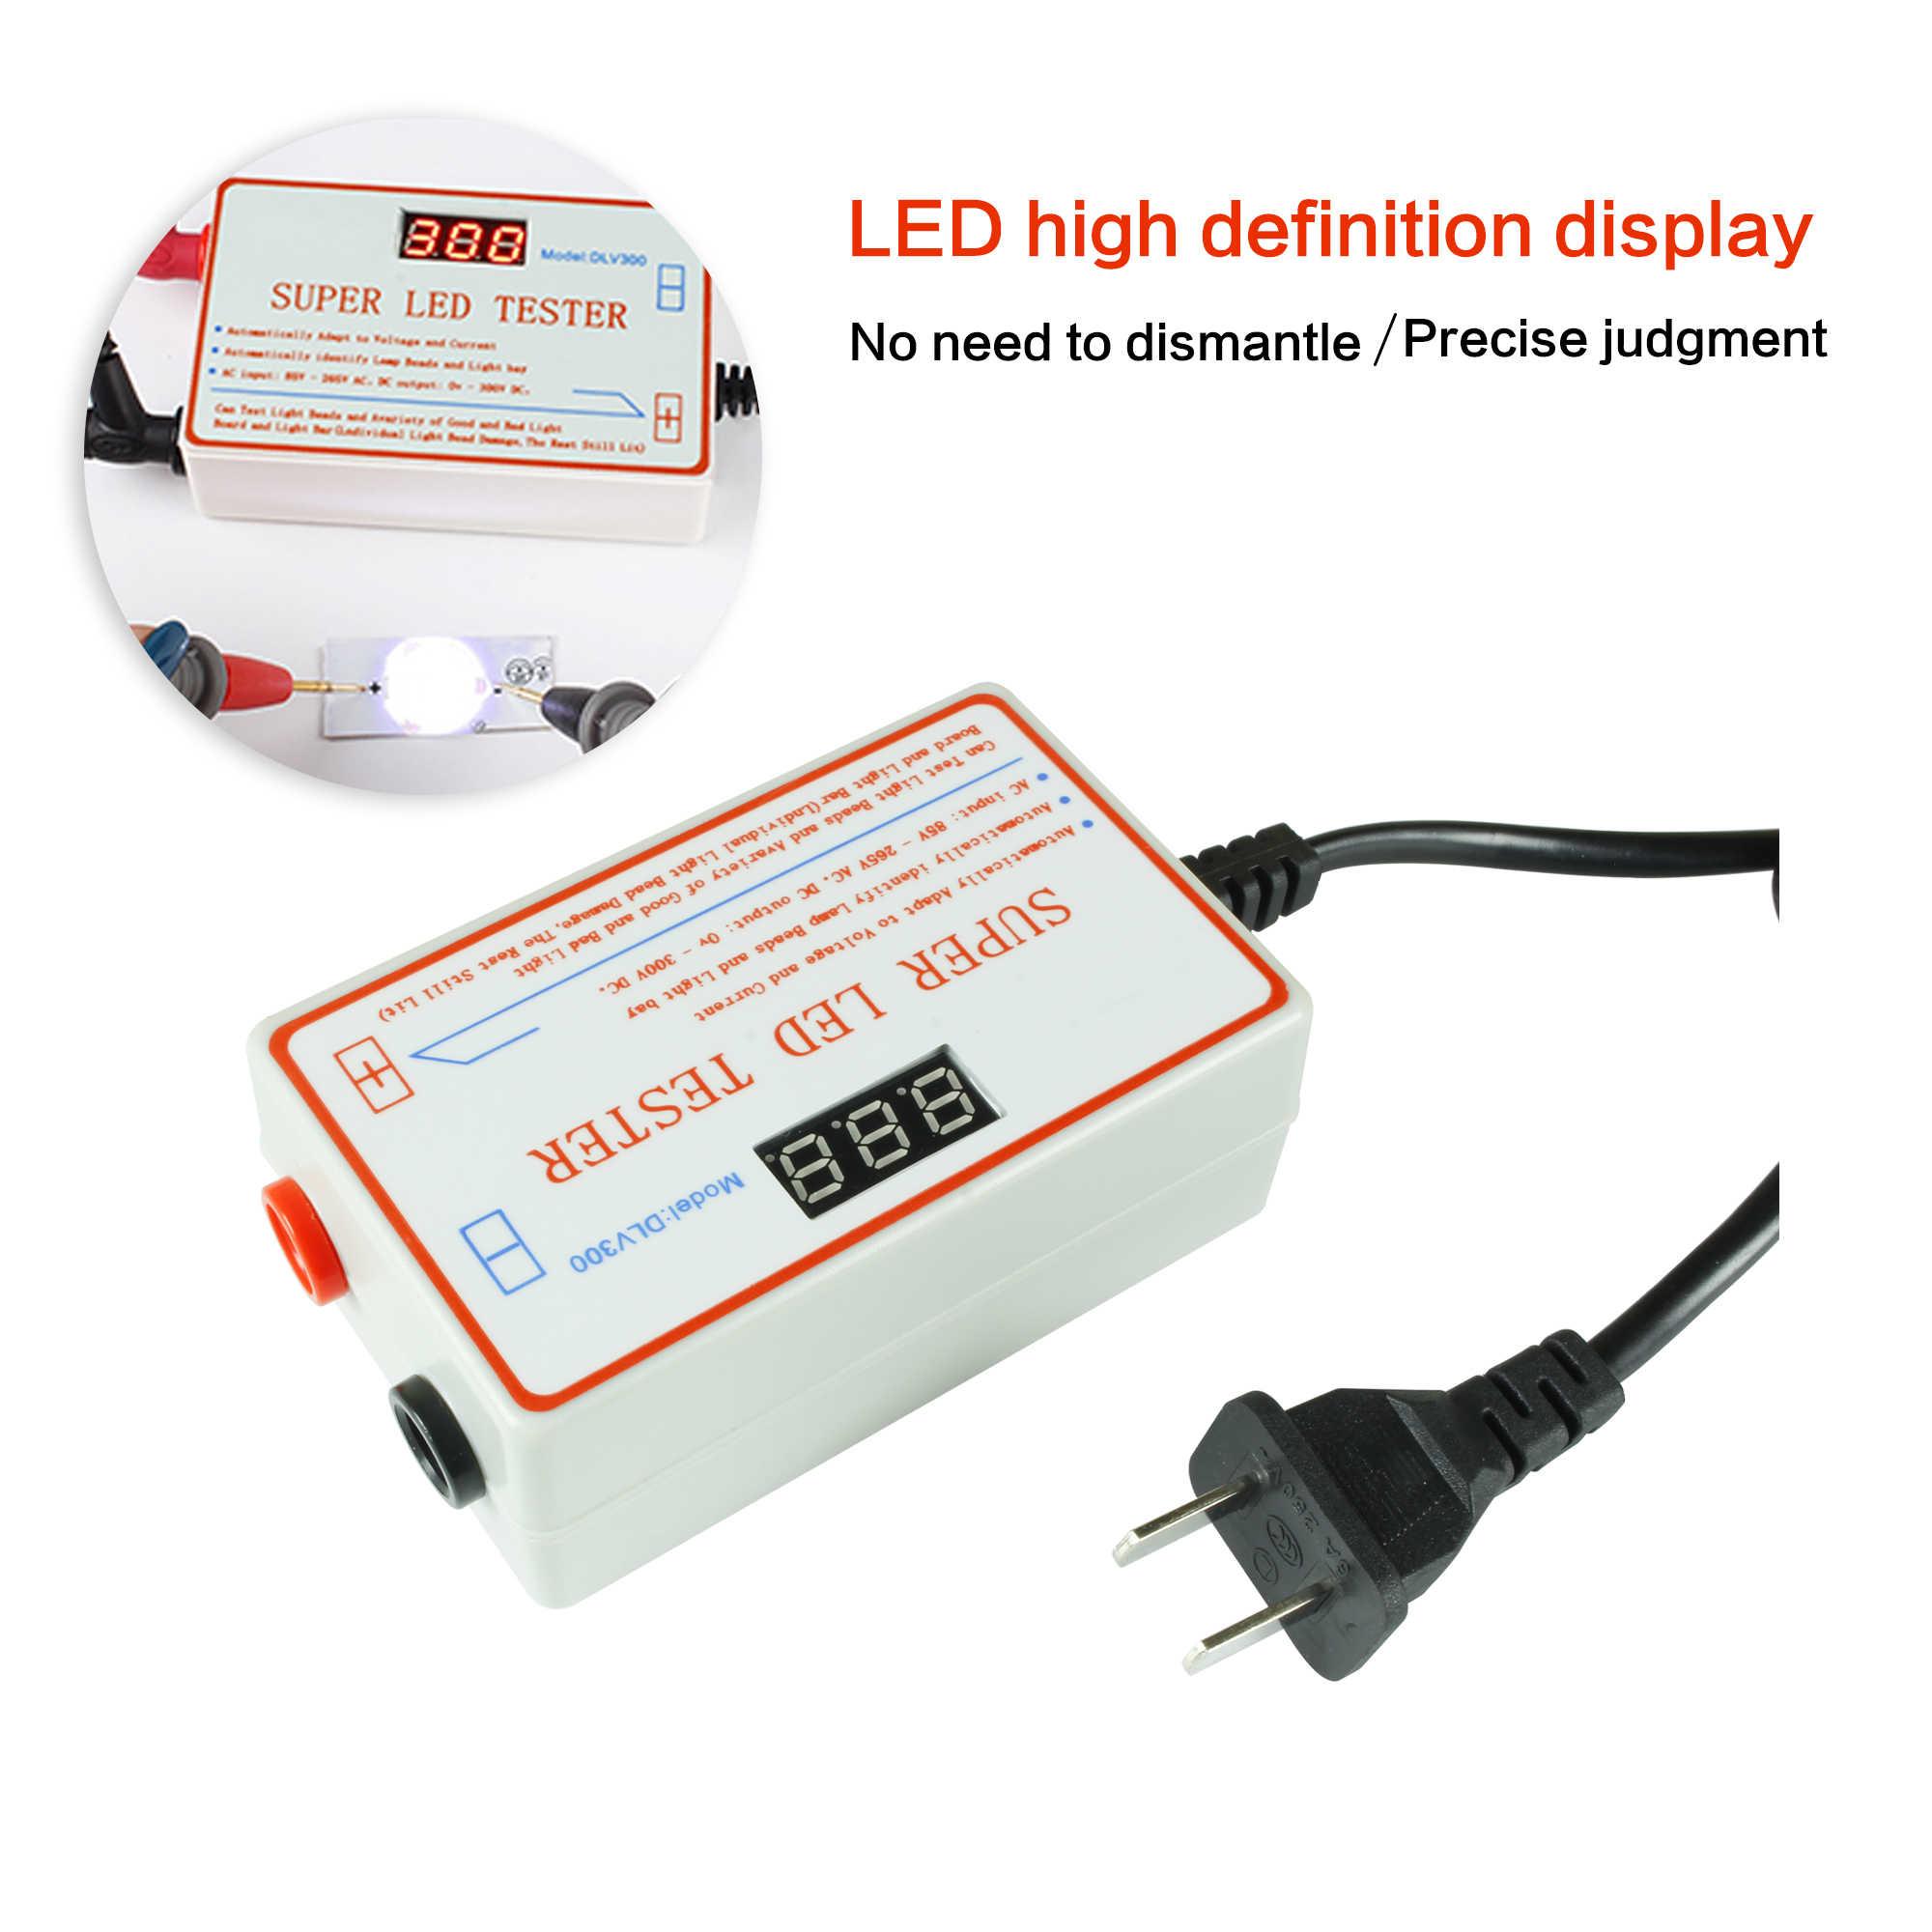 Новый светодиодный тест er 0-300 в выходной светодиодный тест на подсветку телевизора многоцелевой светодиодный тест-полоски